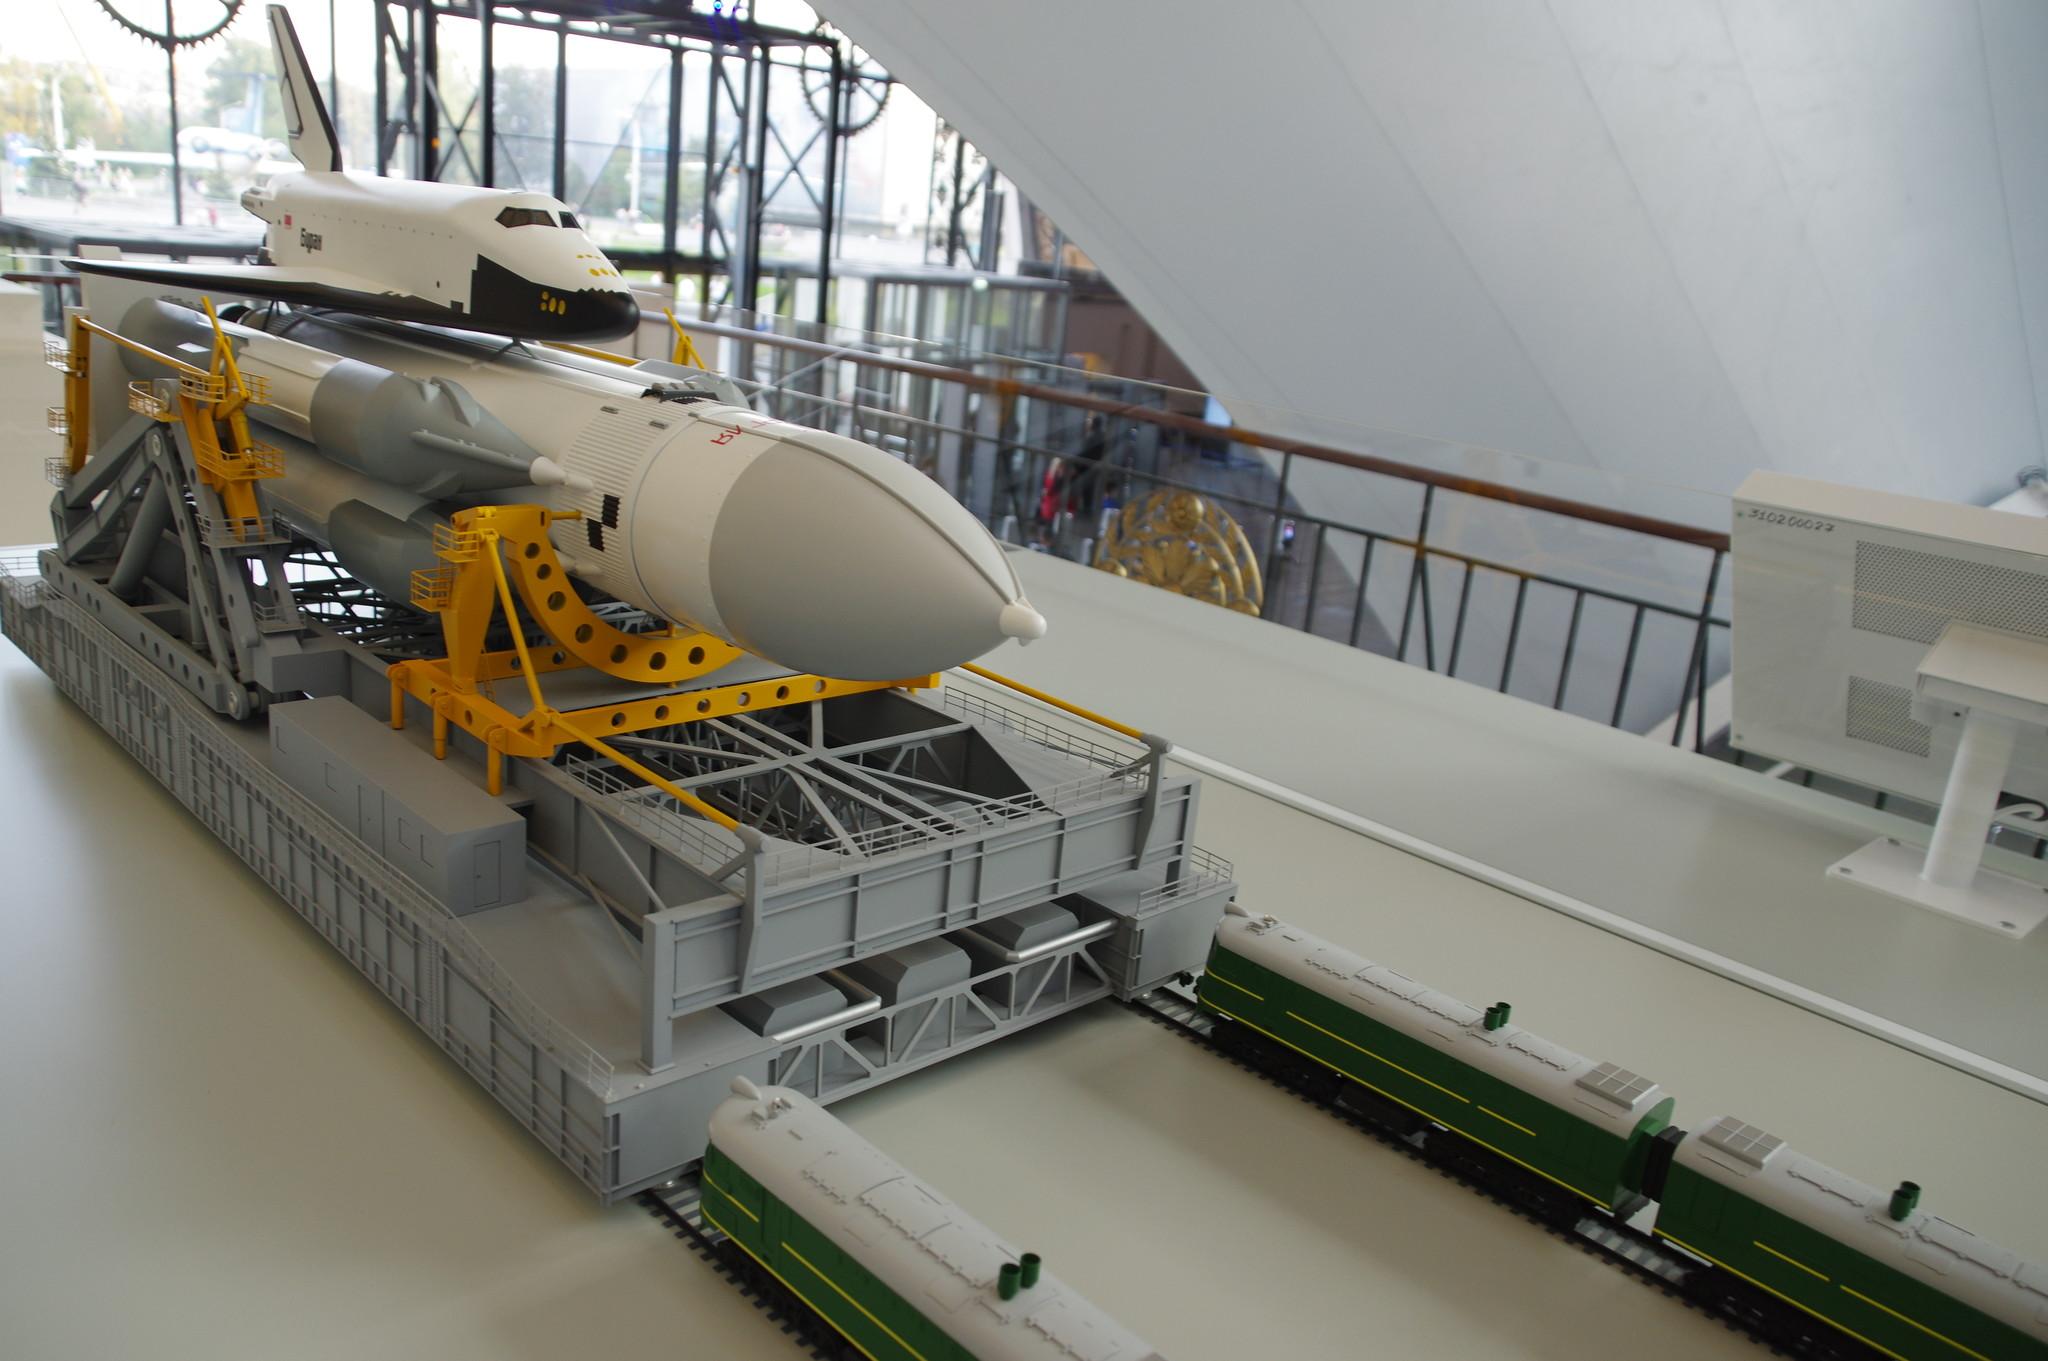 Ракетно-космический комплекс «Энергия-Буран» на транспортно-установочном агрегате. Модель 1:75. Центр «Космонавтика и авиация» на ВДНХ